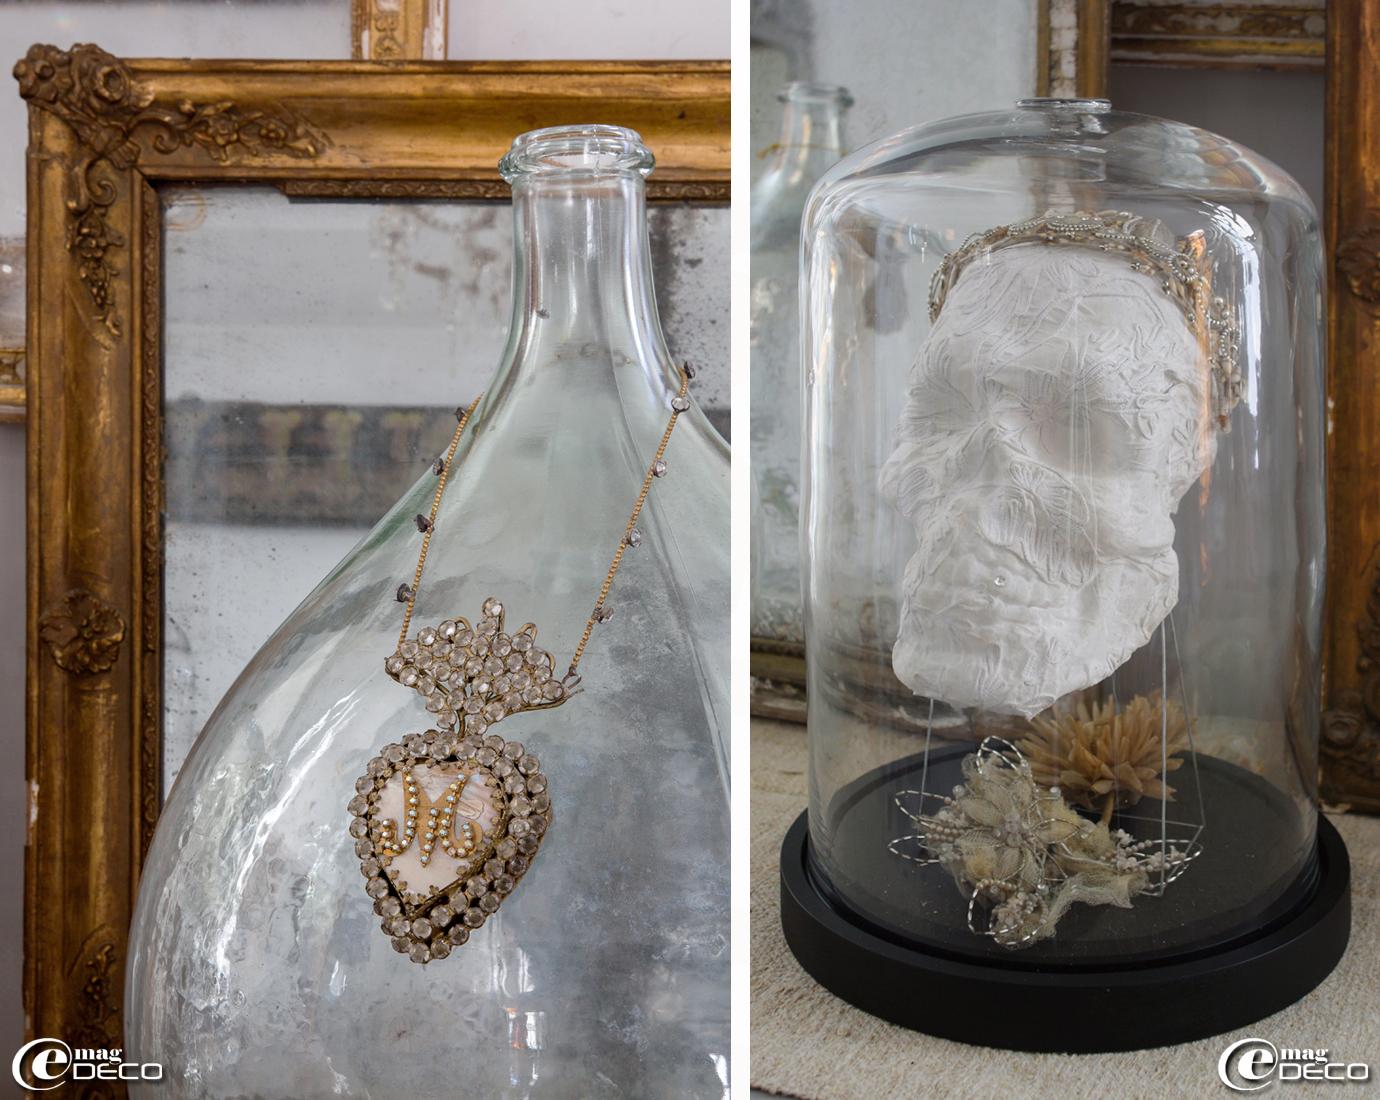 Collier 'ex-voto' accroché à une bonbonne dame-jeanne, crâne sur socle création 'Vox Populi' décoré d'une couronne de mariée et de fleurs en tulle et perles